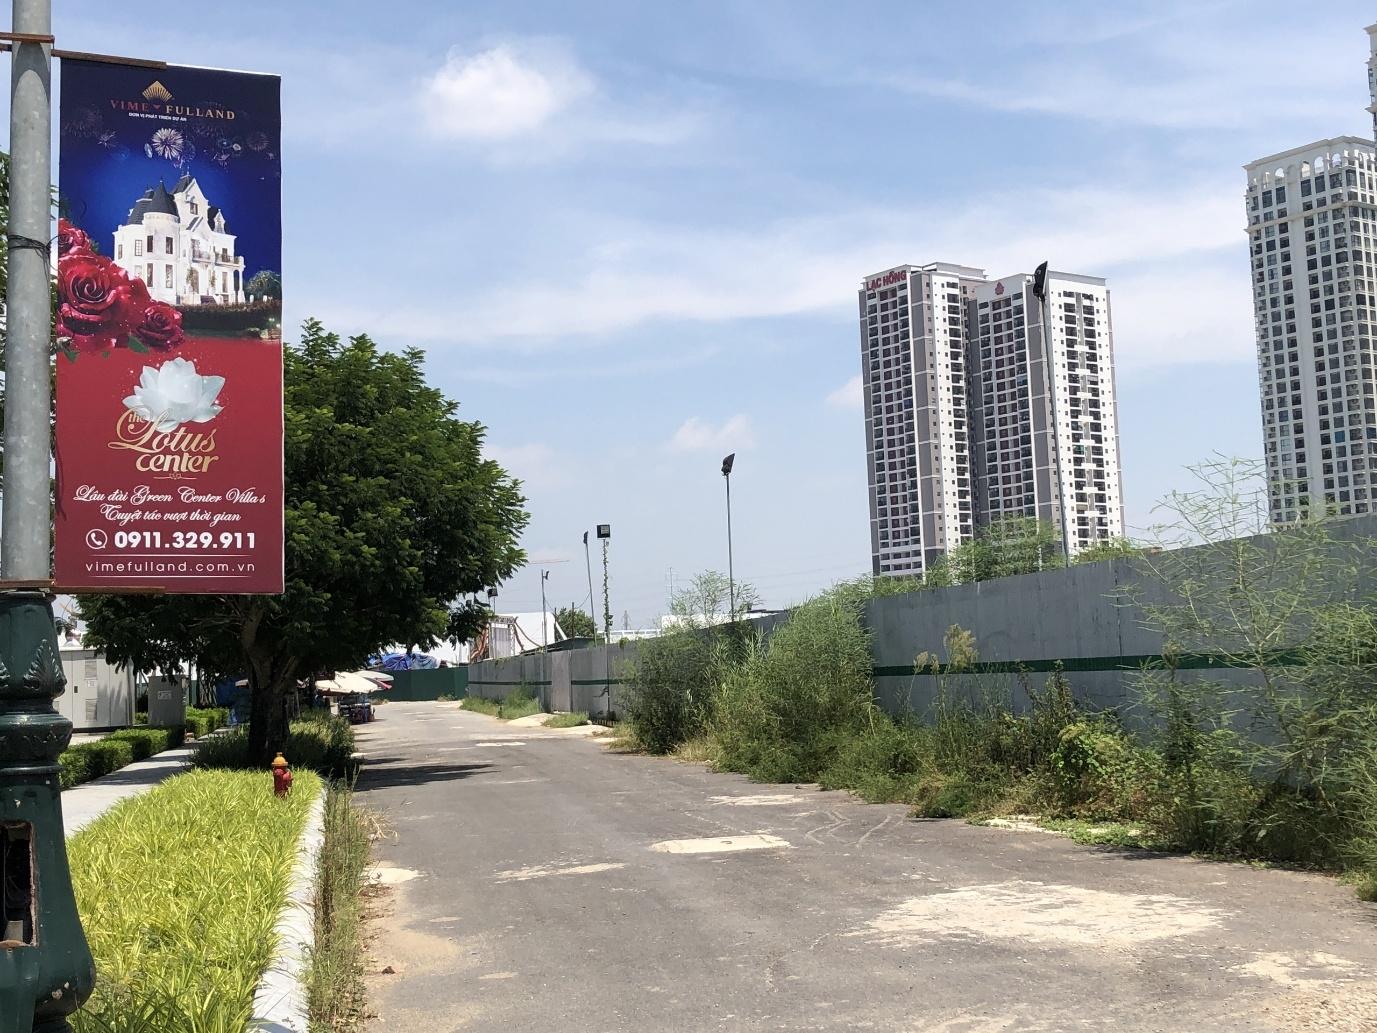 Hà Nội: Vì sao Dự án The Lotus Center của Vimedimex Group bị từ chối bổ sung chức năng ở?